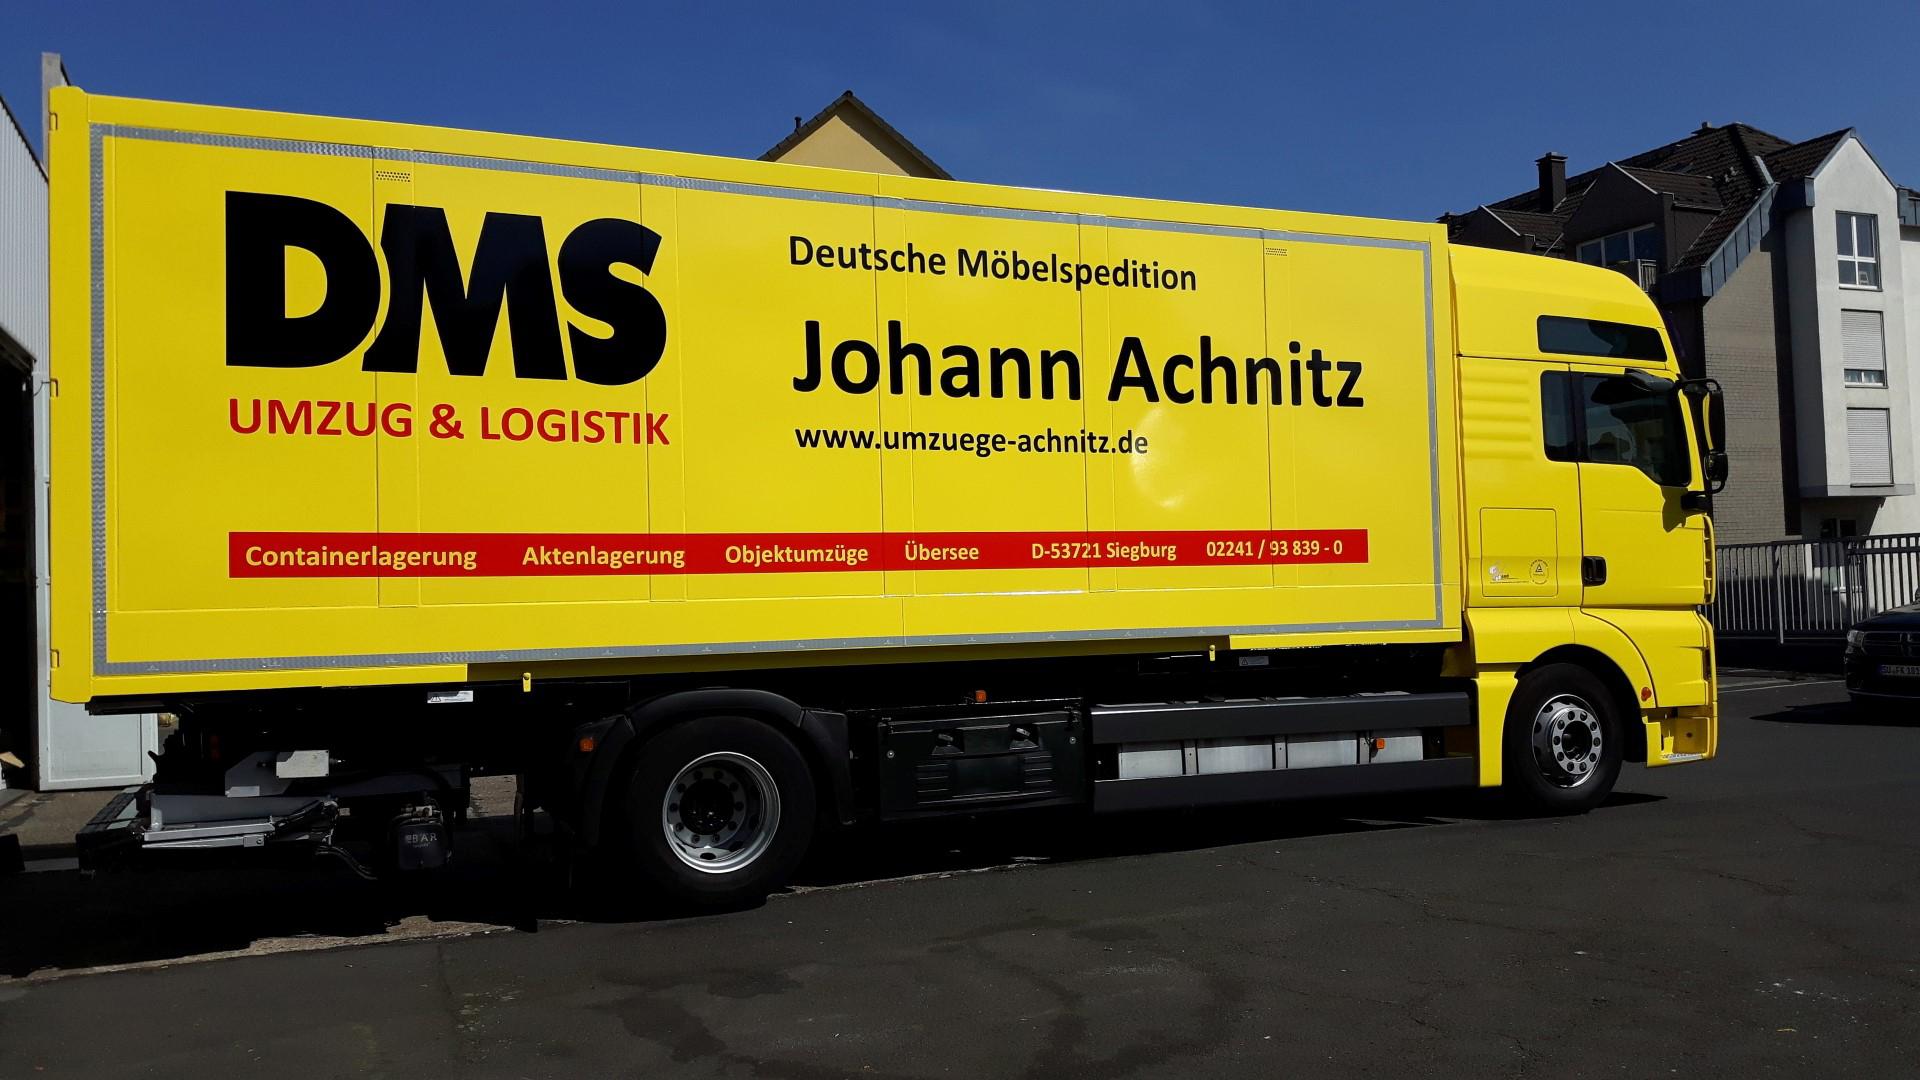 Das Bild zeigt das Umzugs- und Logistikunternehmen Johann Achnitz GmbH